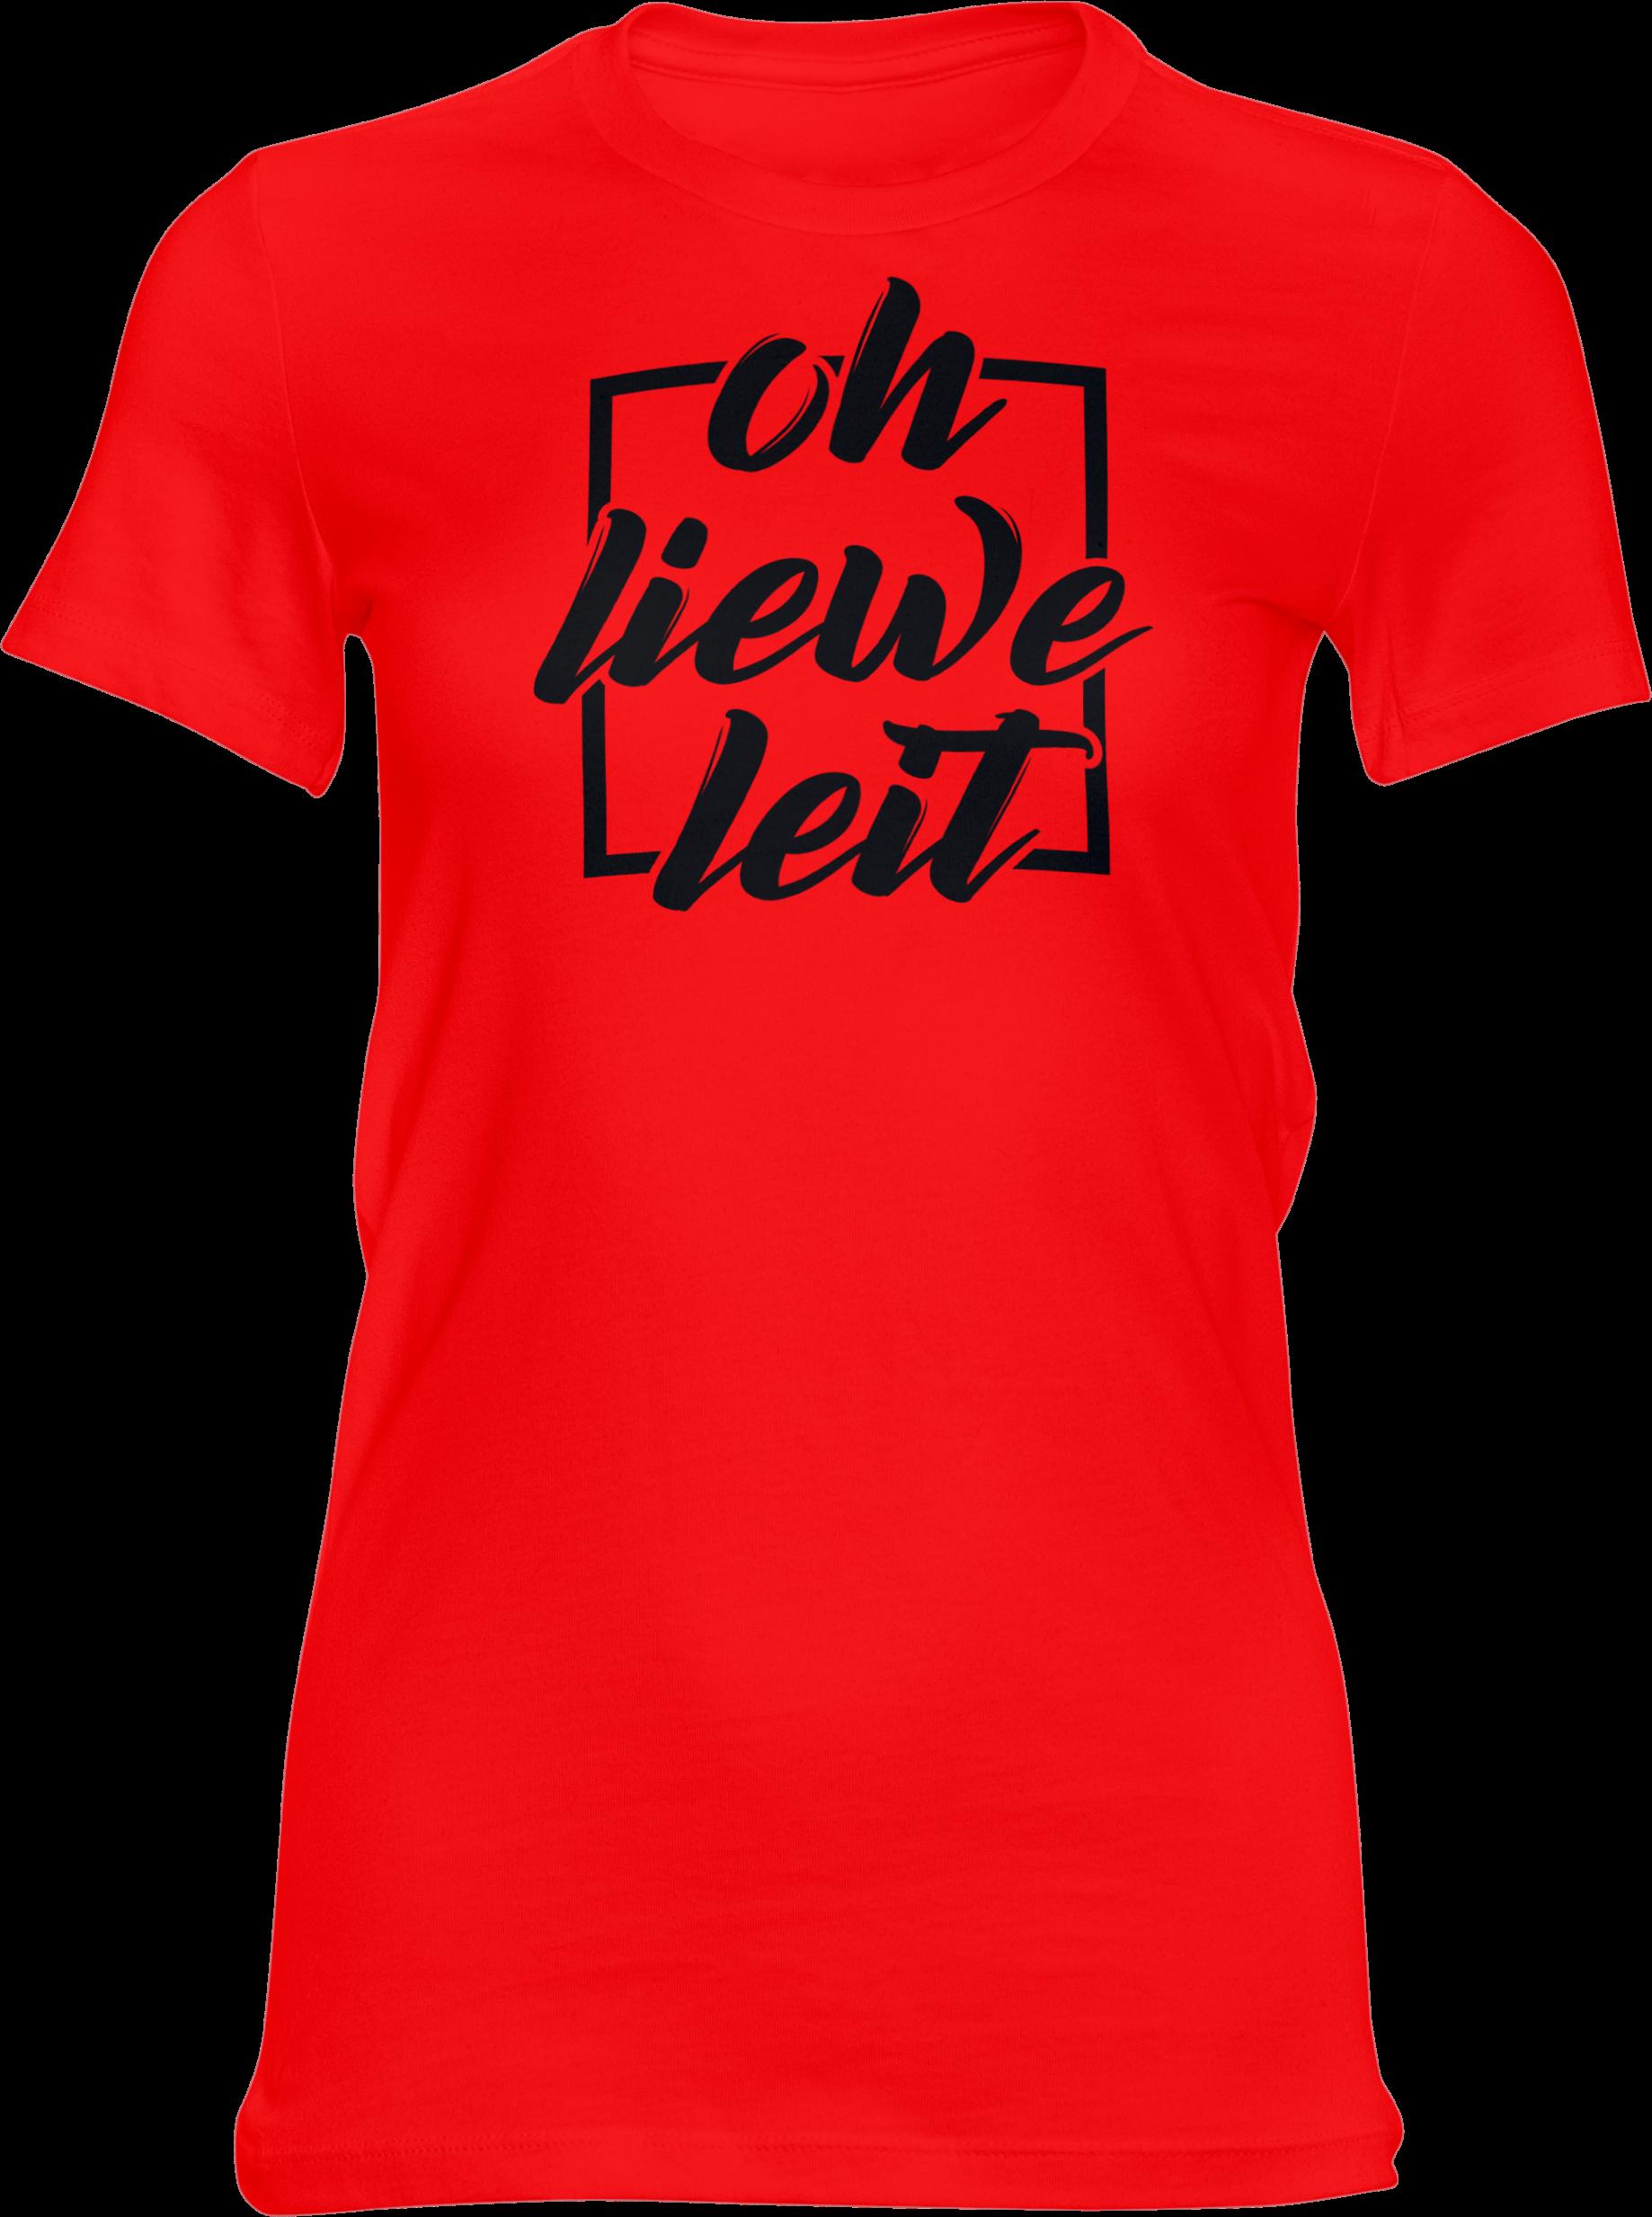 Motiv-Shirt – Oh liewe Leit – Girlie-Shirt (rot)